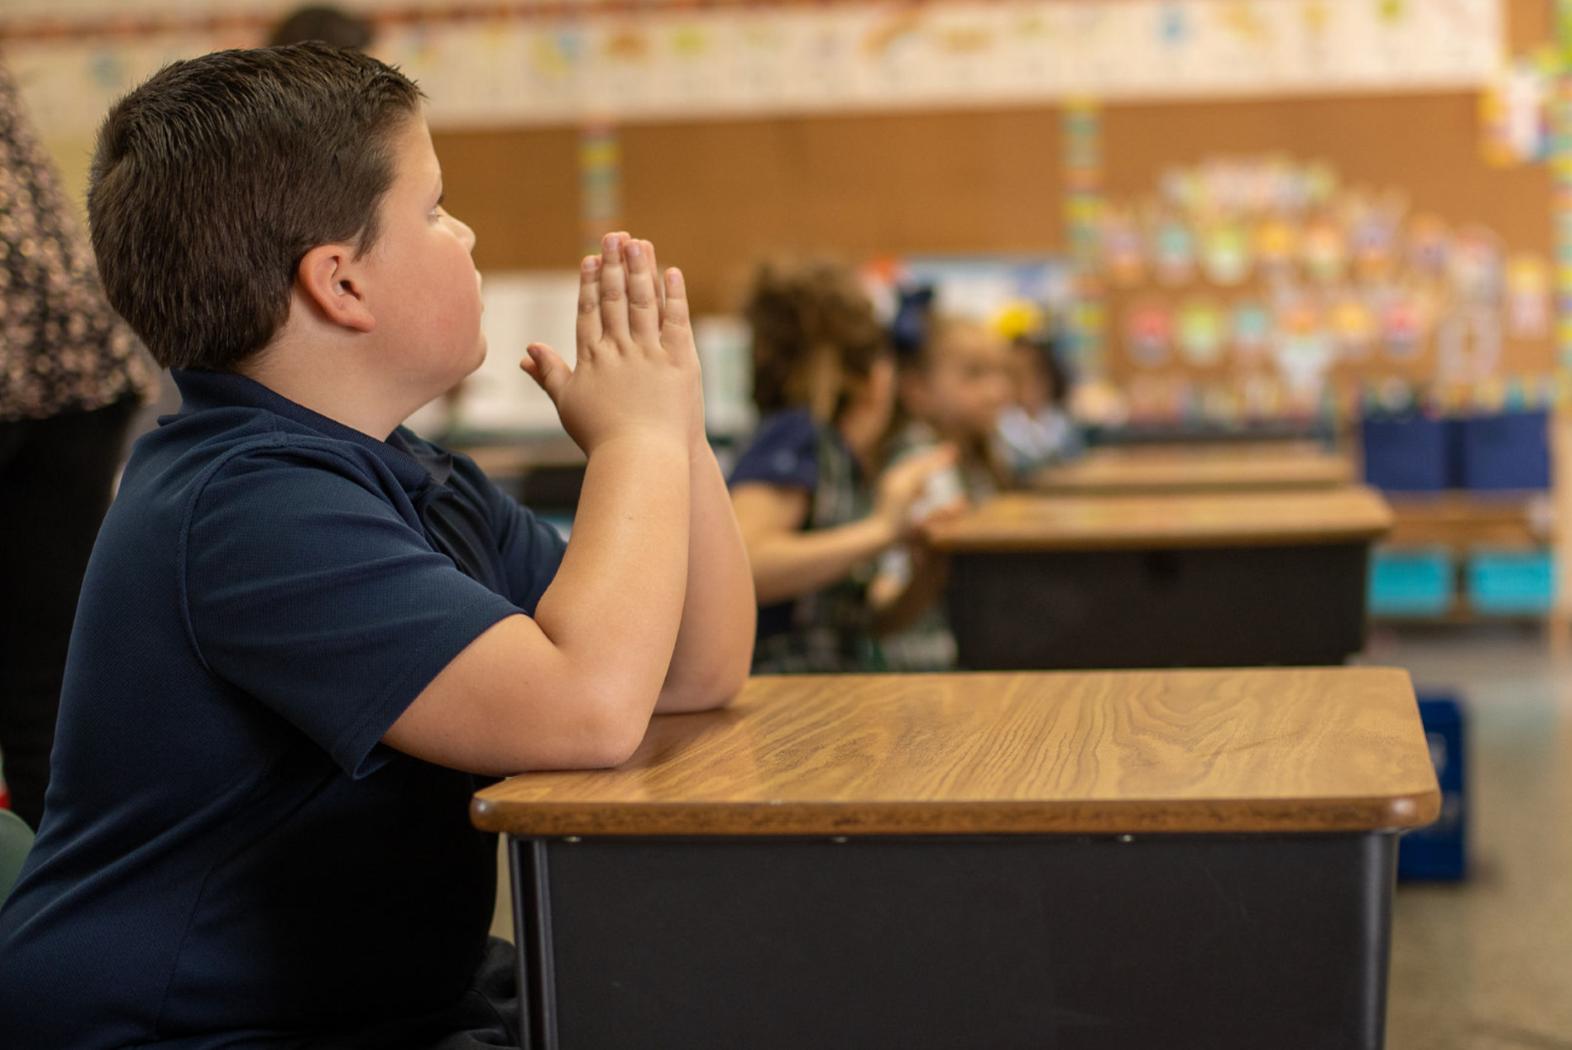 Luke F. praying